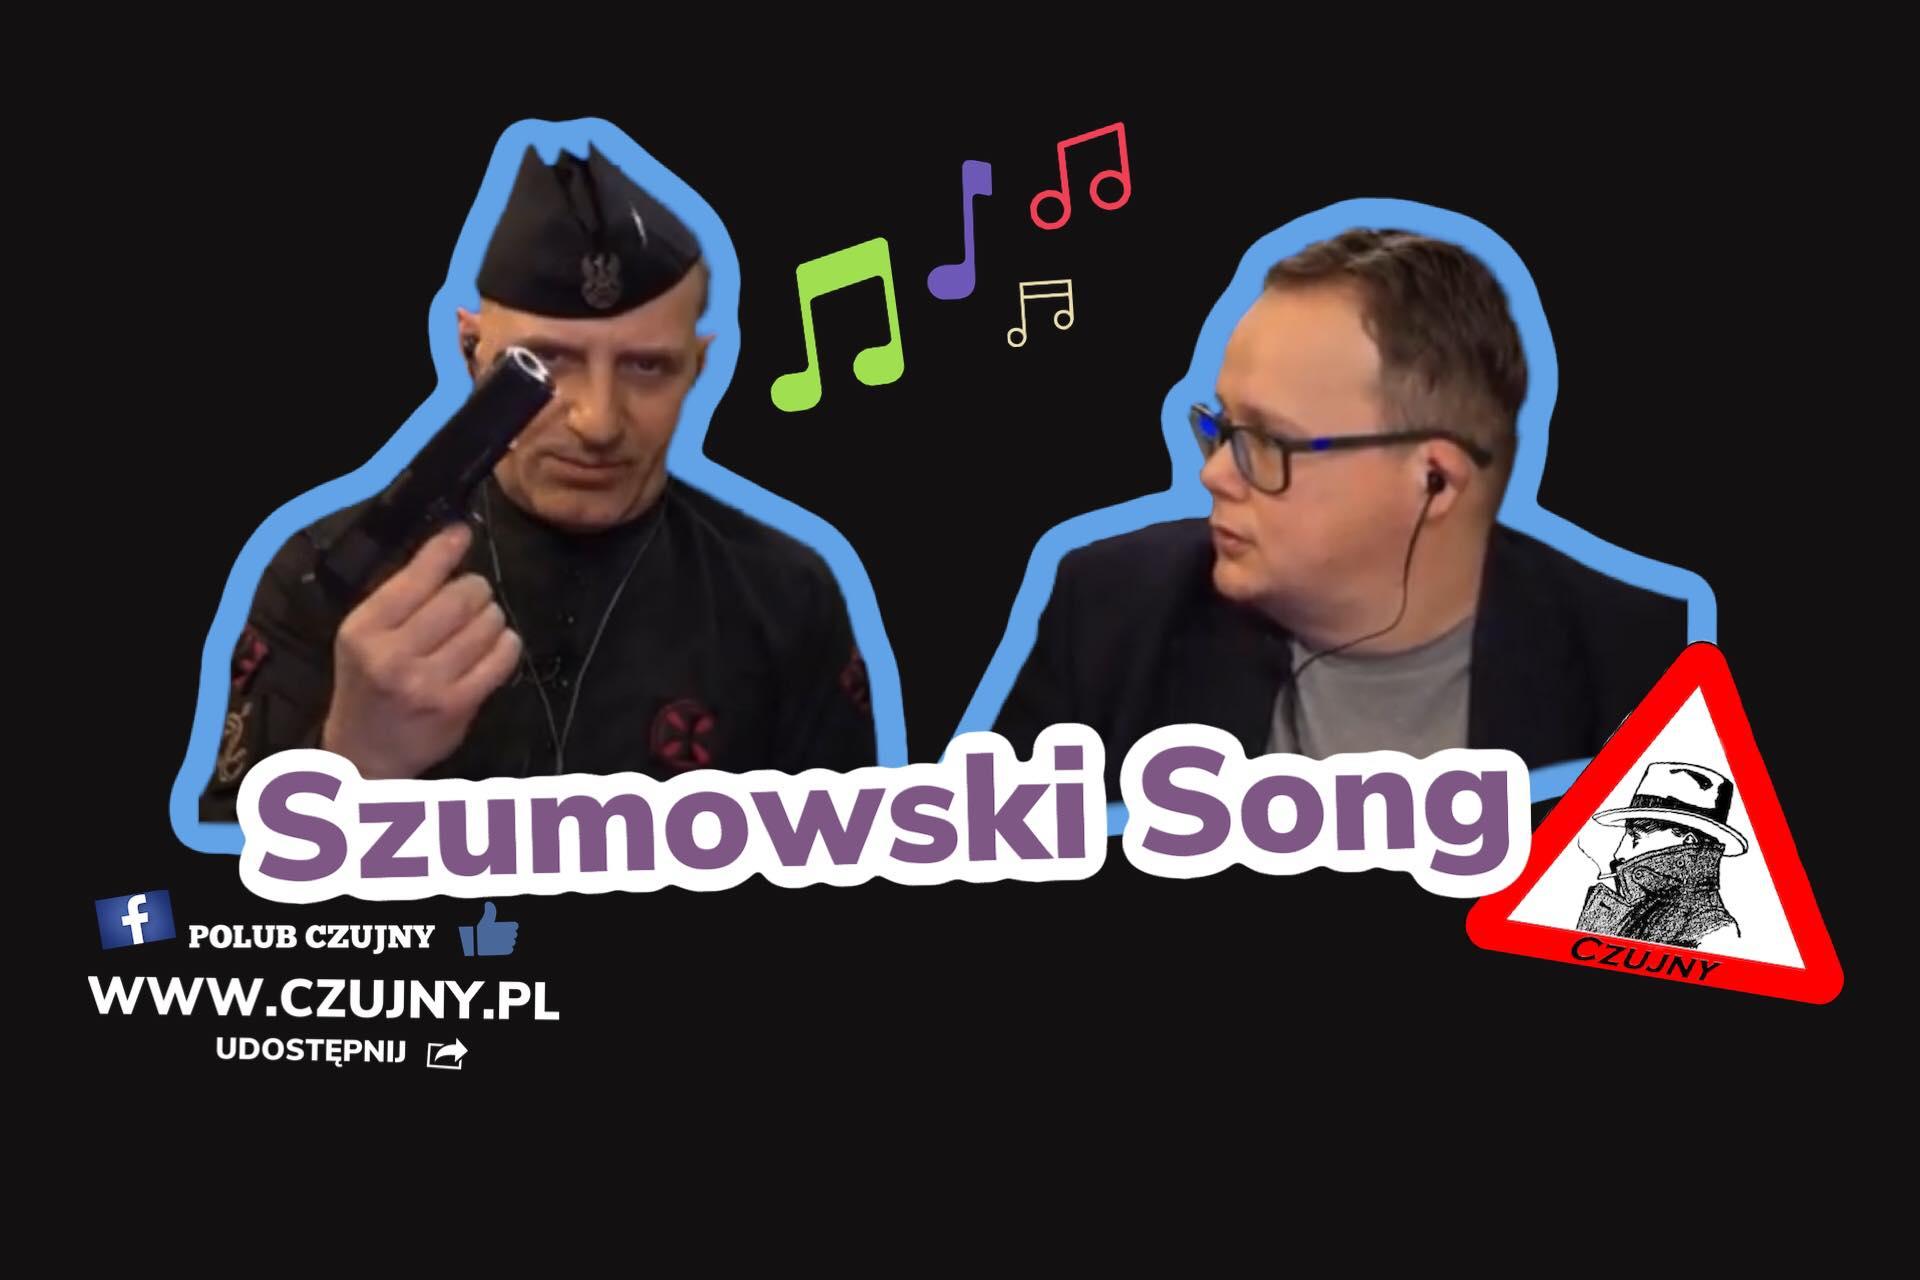 Piosenka o Szumowskim :)